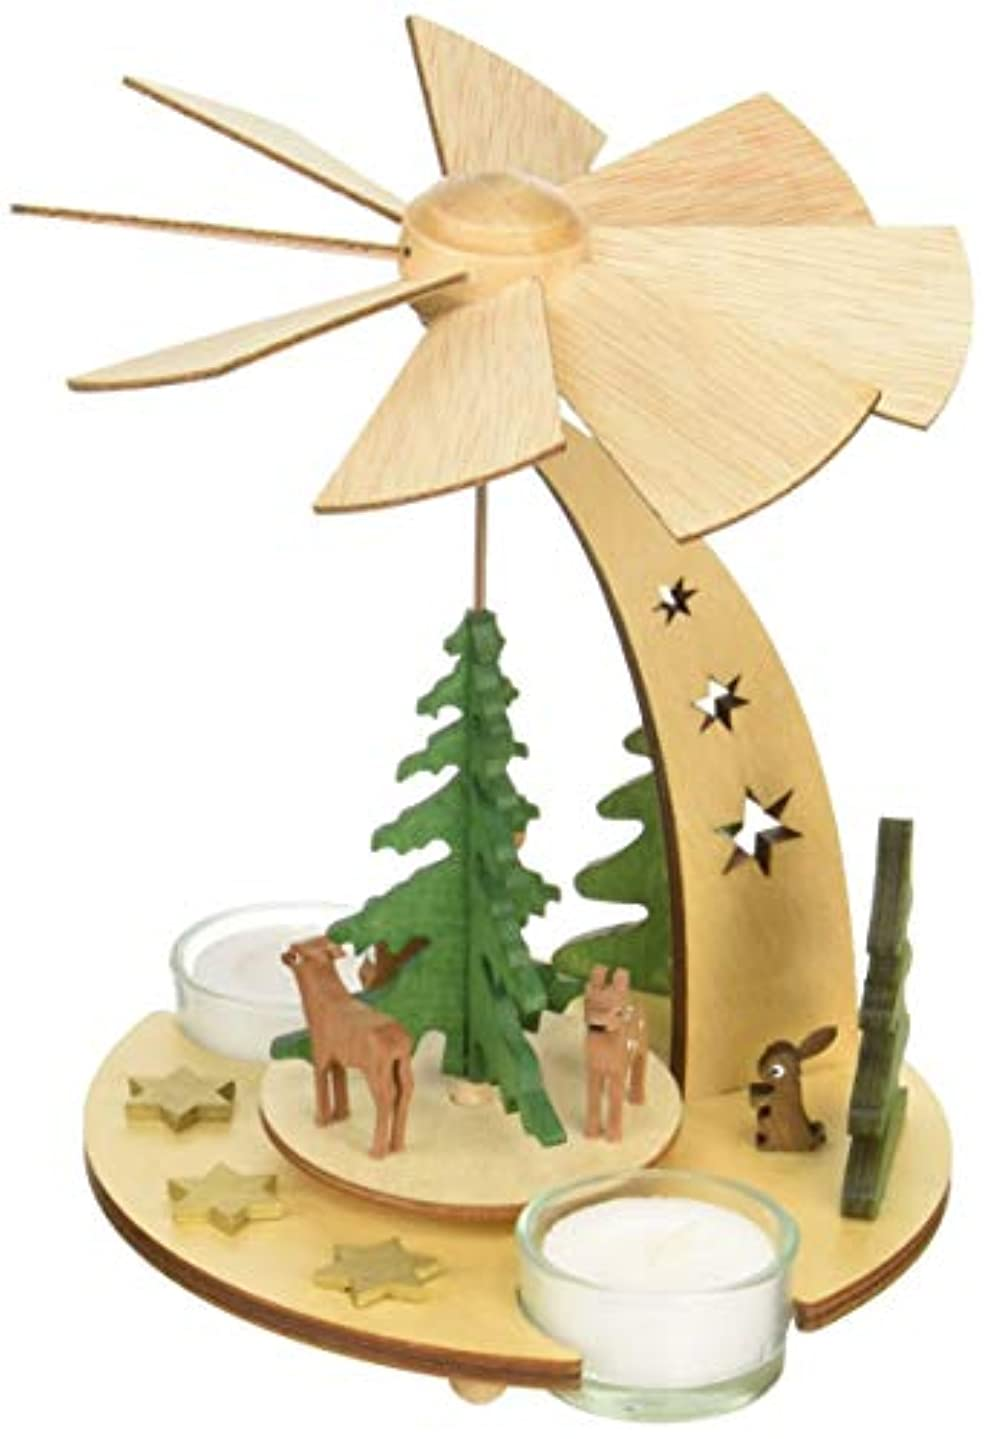 適格甲虫ボイラーkuhnert クリスマスピラミッド 森の動物